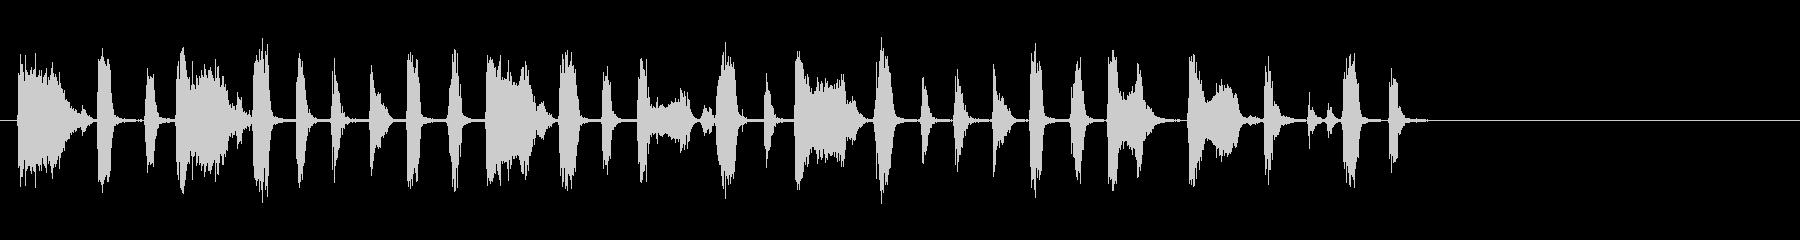 ヒューマンビートボックス、R&Bリ...の未再生の波形